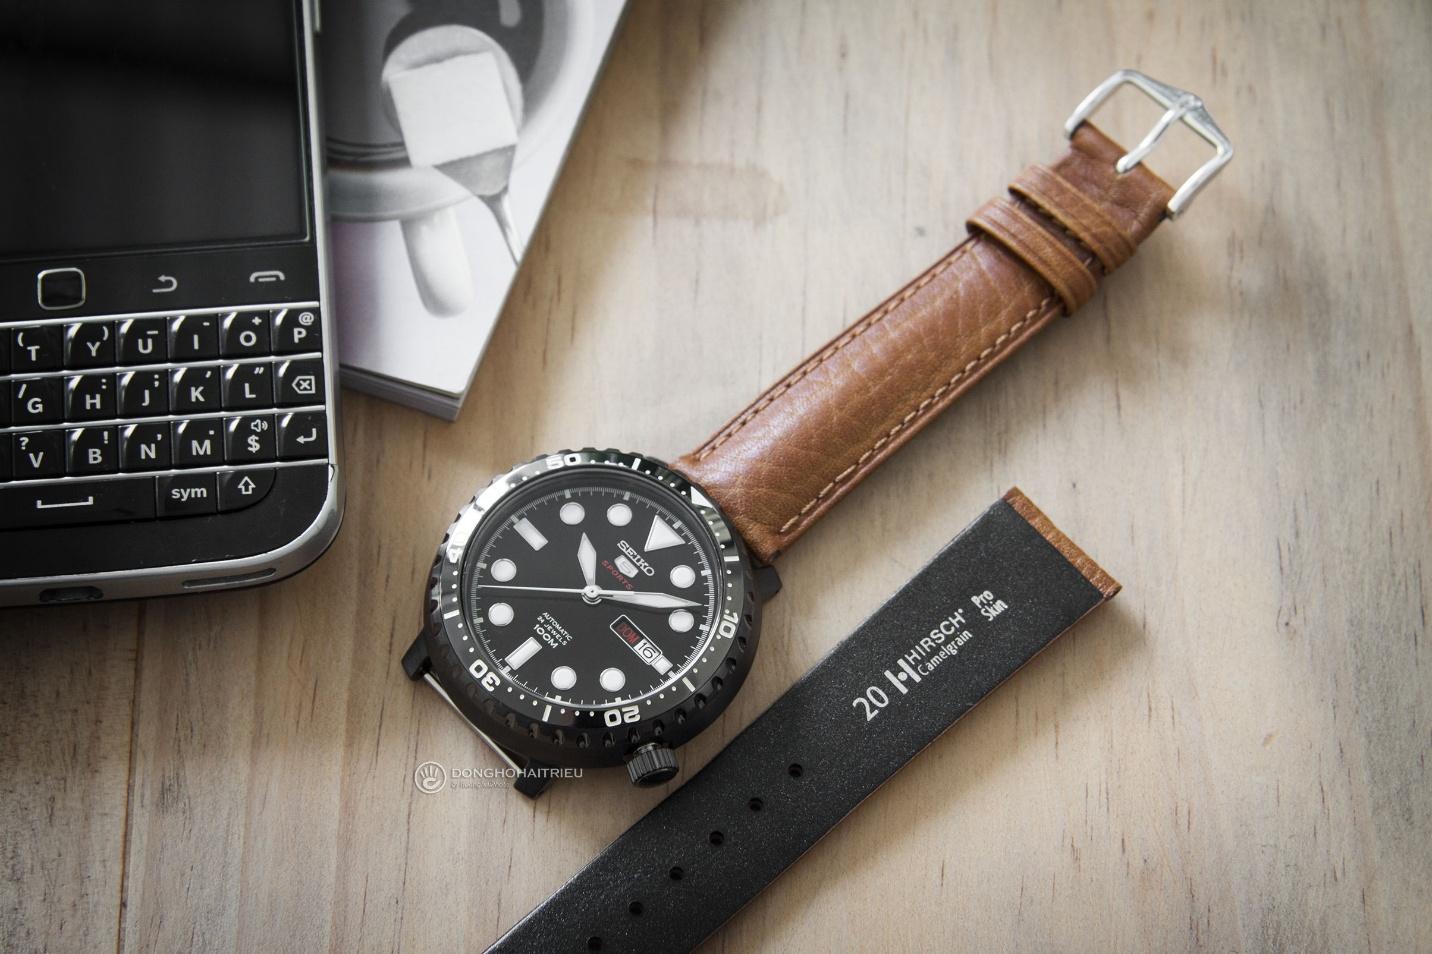 Bộ sưu tập dây da được các thương hiệu đồng hồ nổi tiếng thế giới ưa chuộng - Ảnh 2.